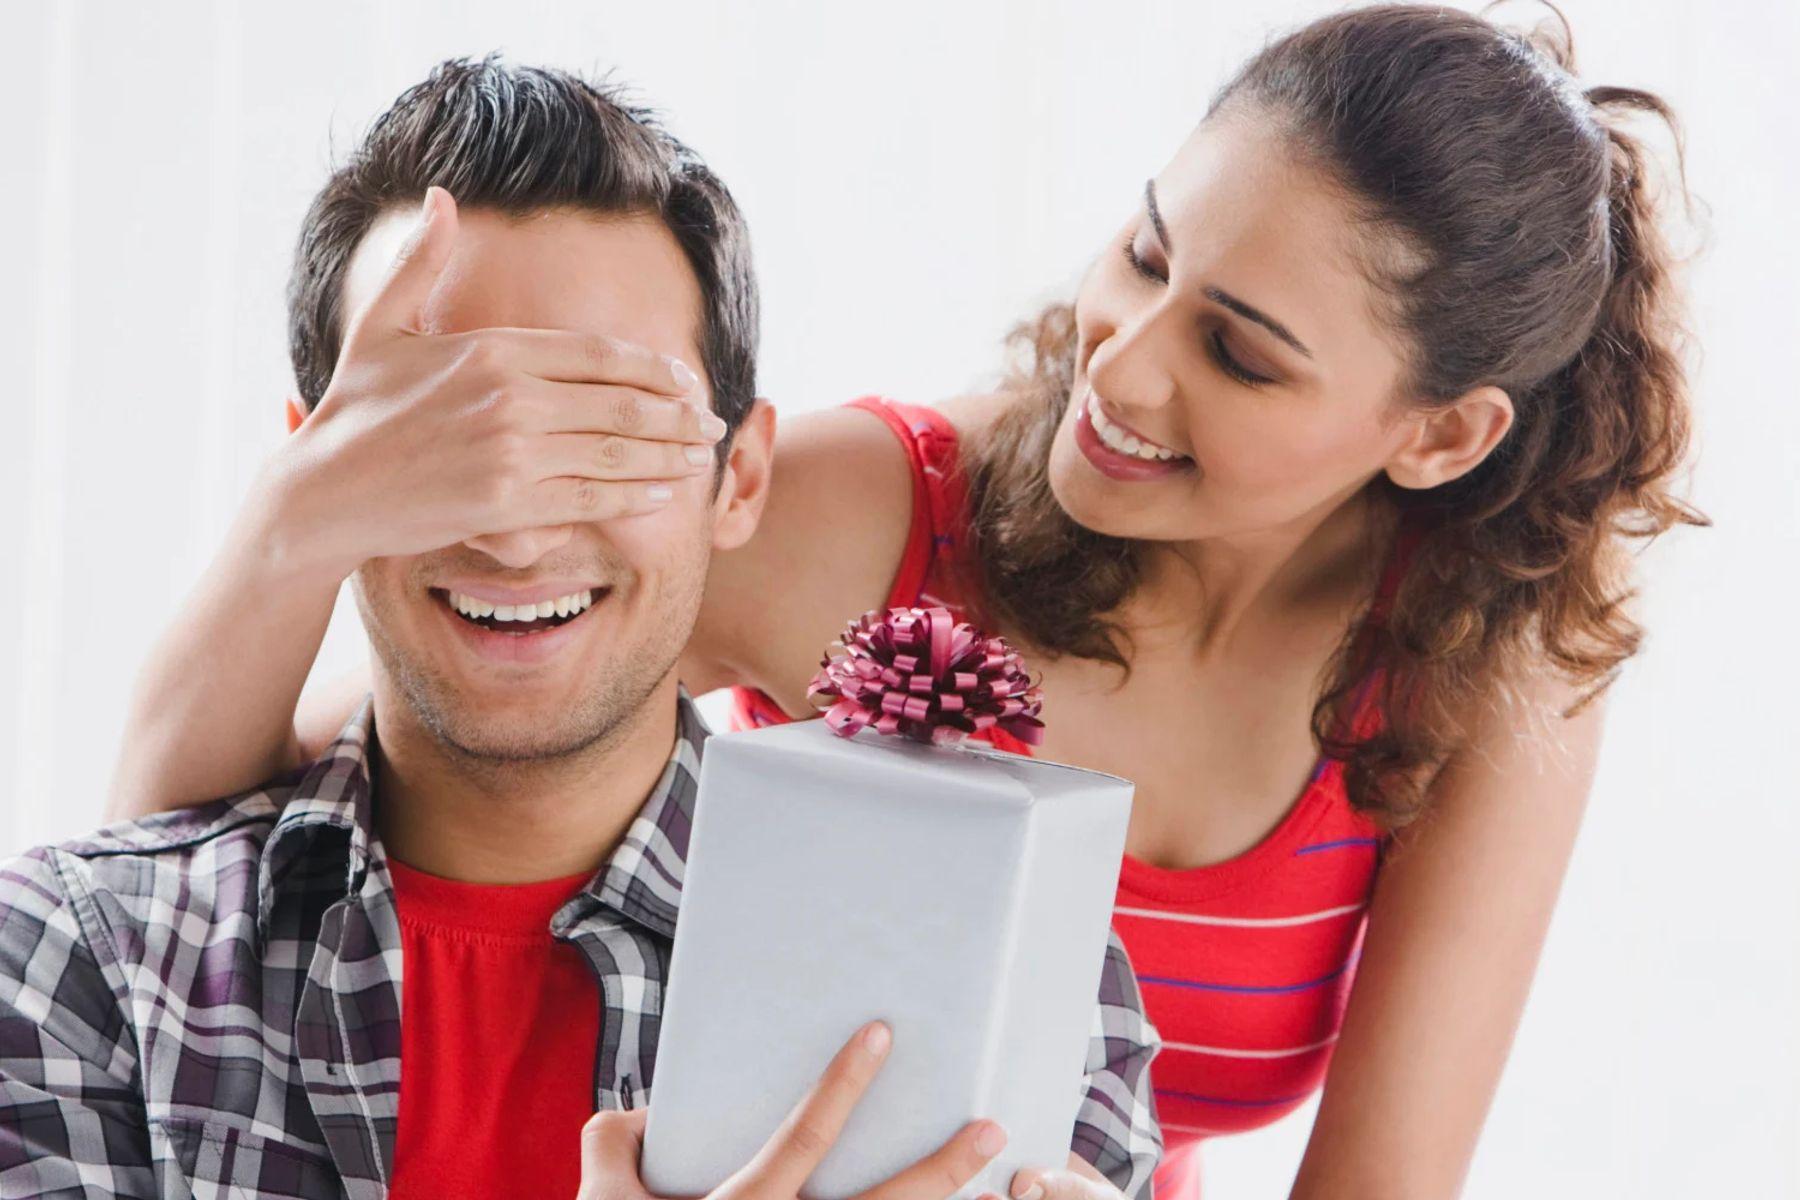 Nên tặng quà gì cho bạn trai cho thật ý nghĩa và thể hiện được tấm lòng của bạn?